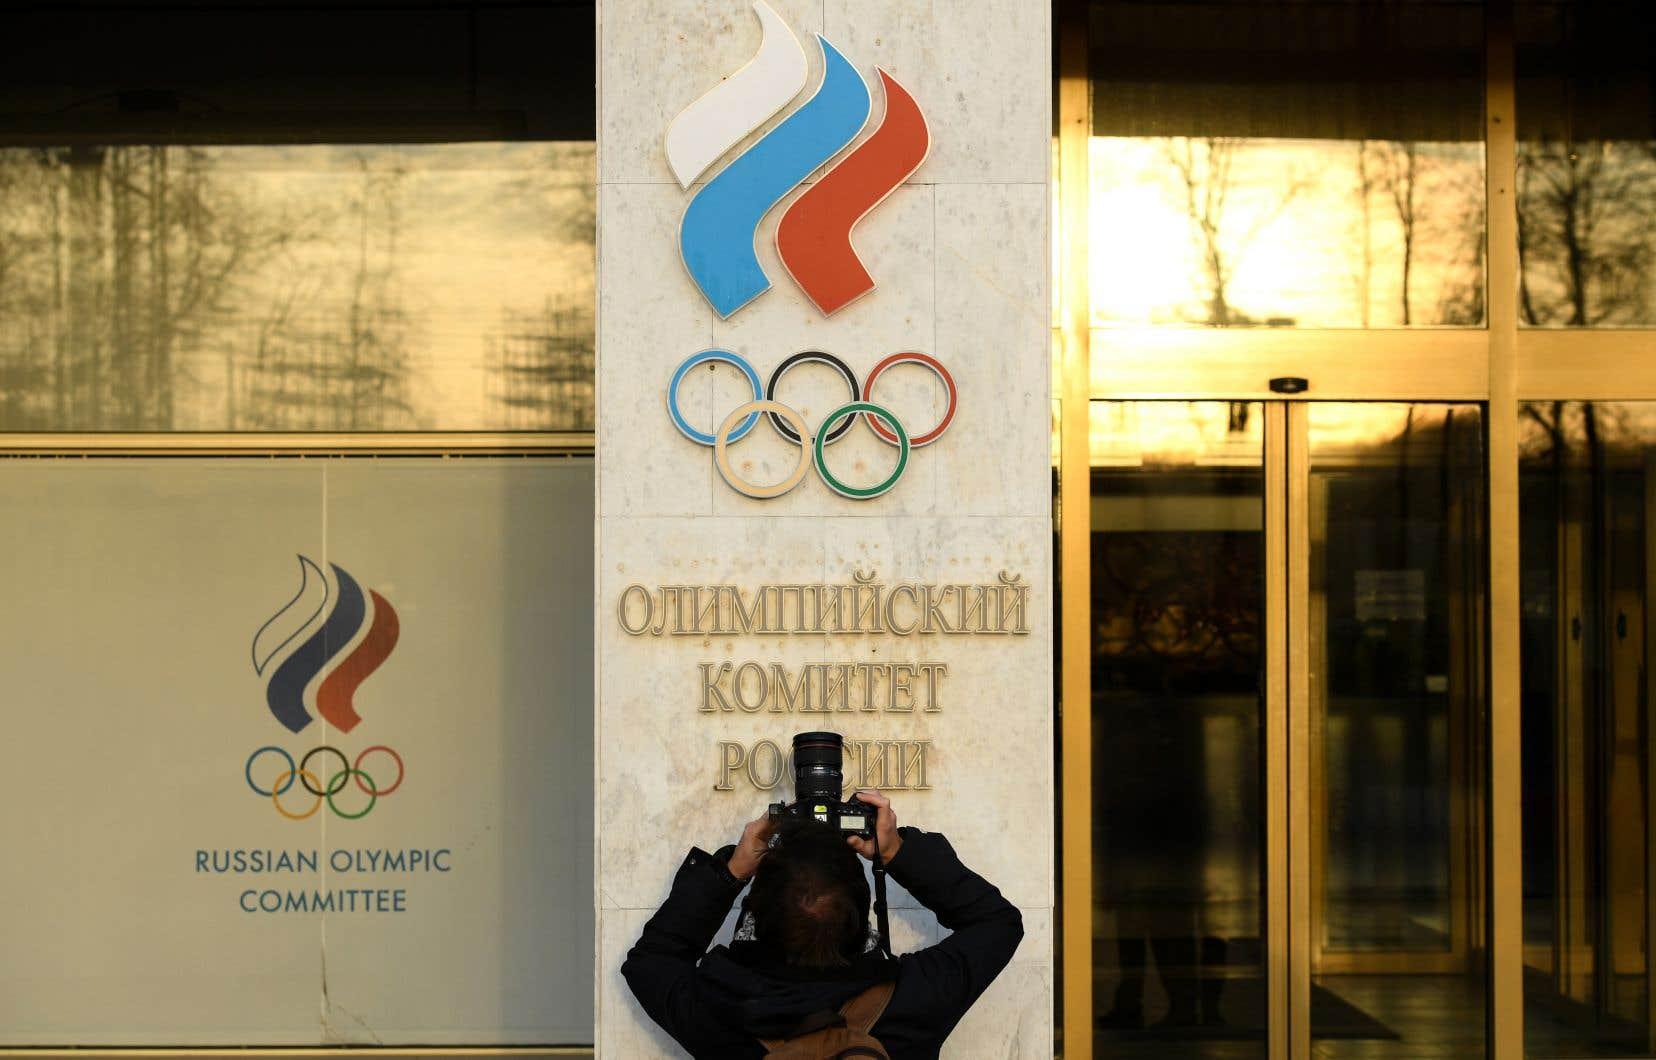 Le quartier général du comité olympique russe, à Moscou